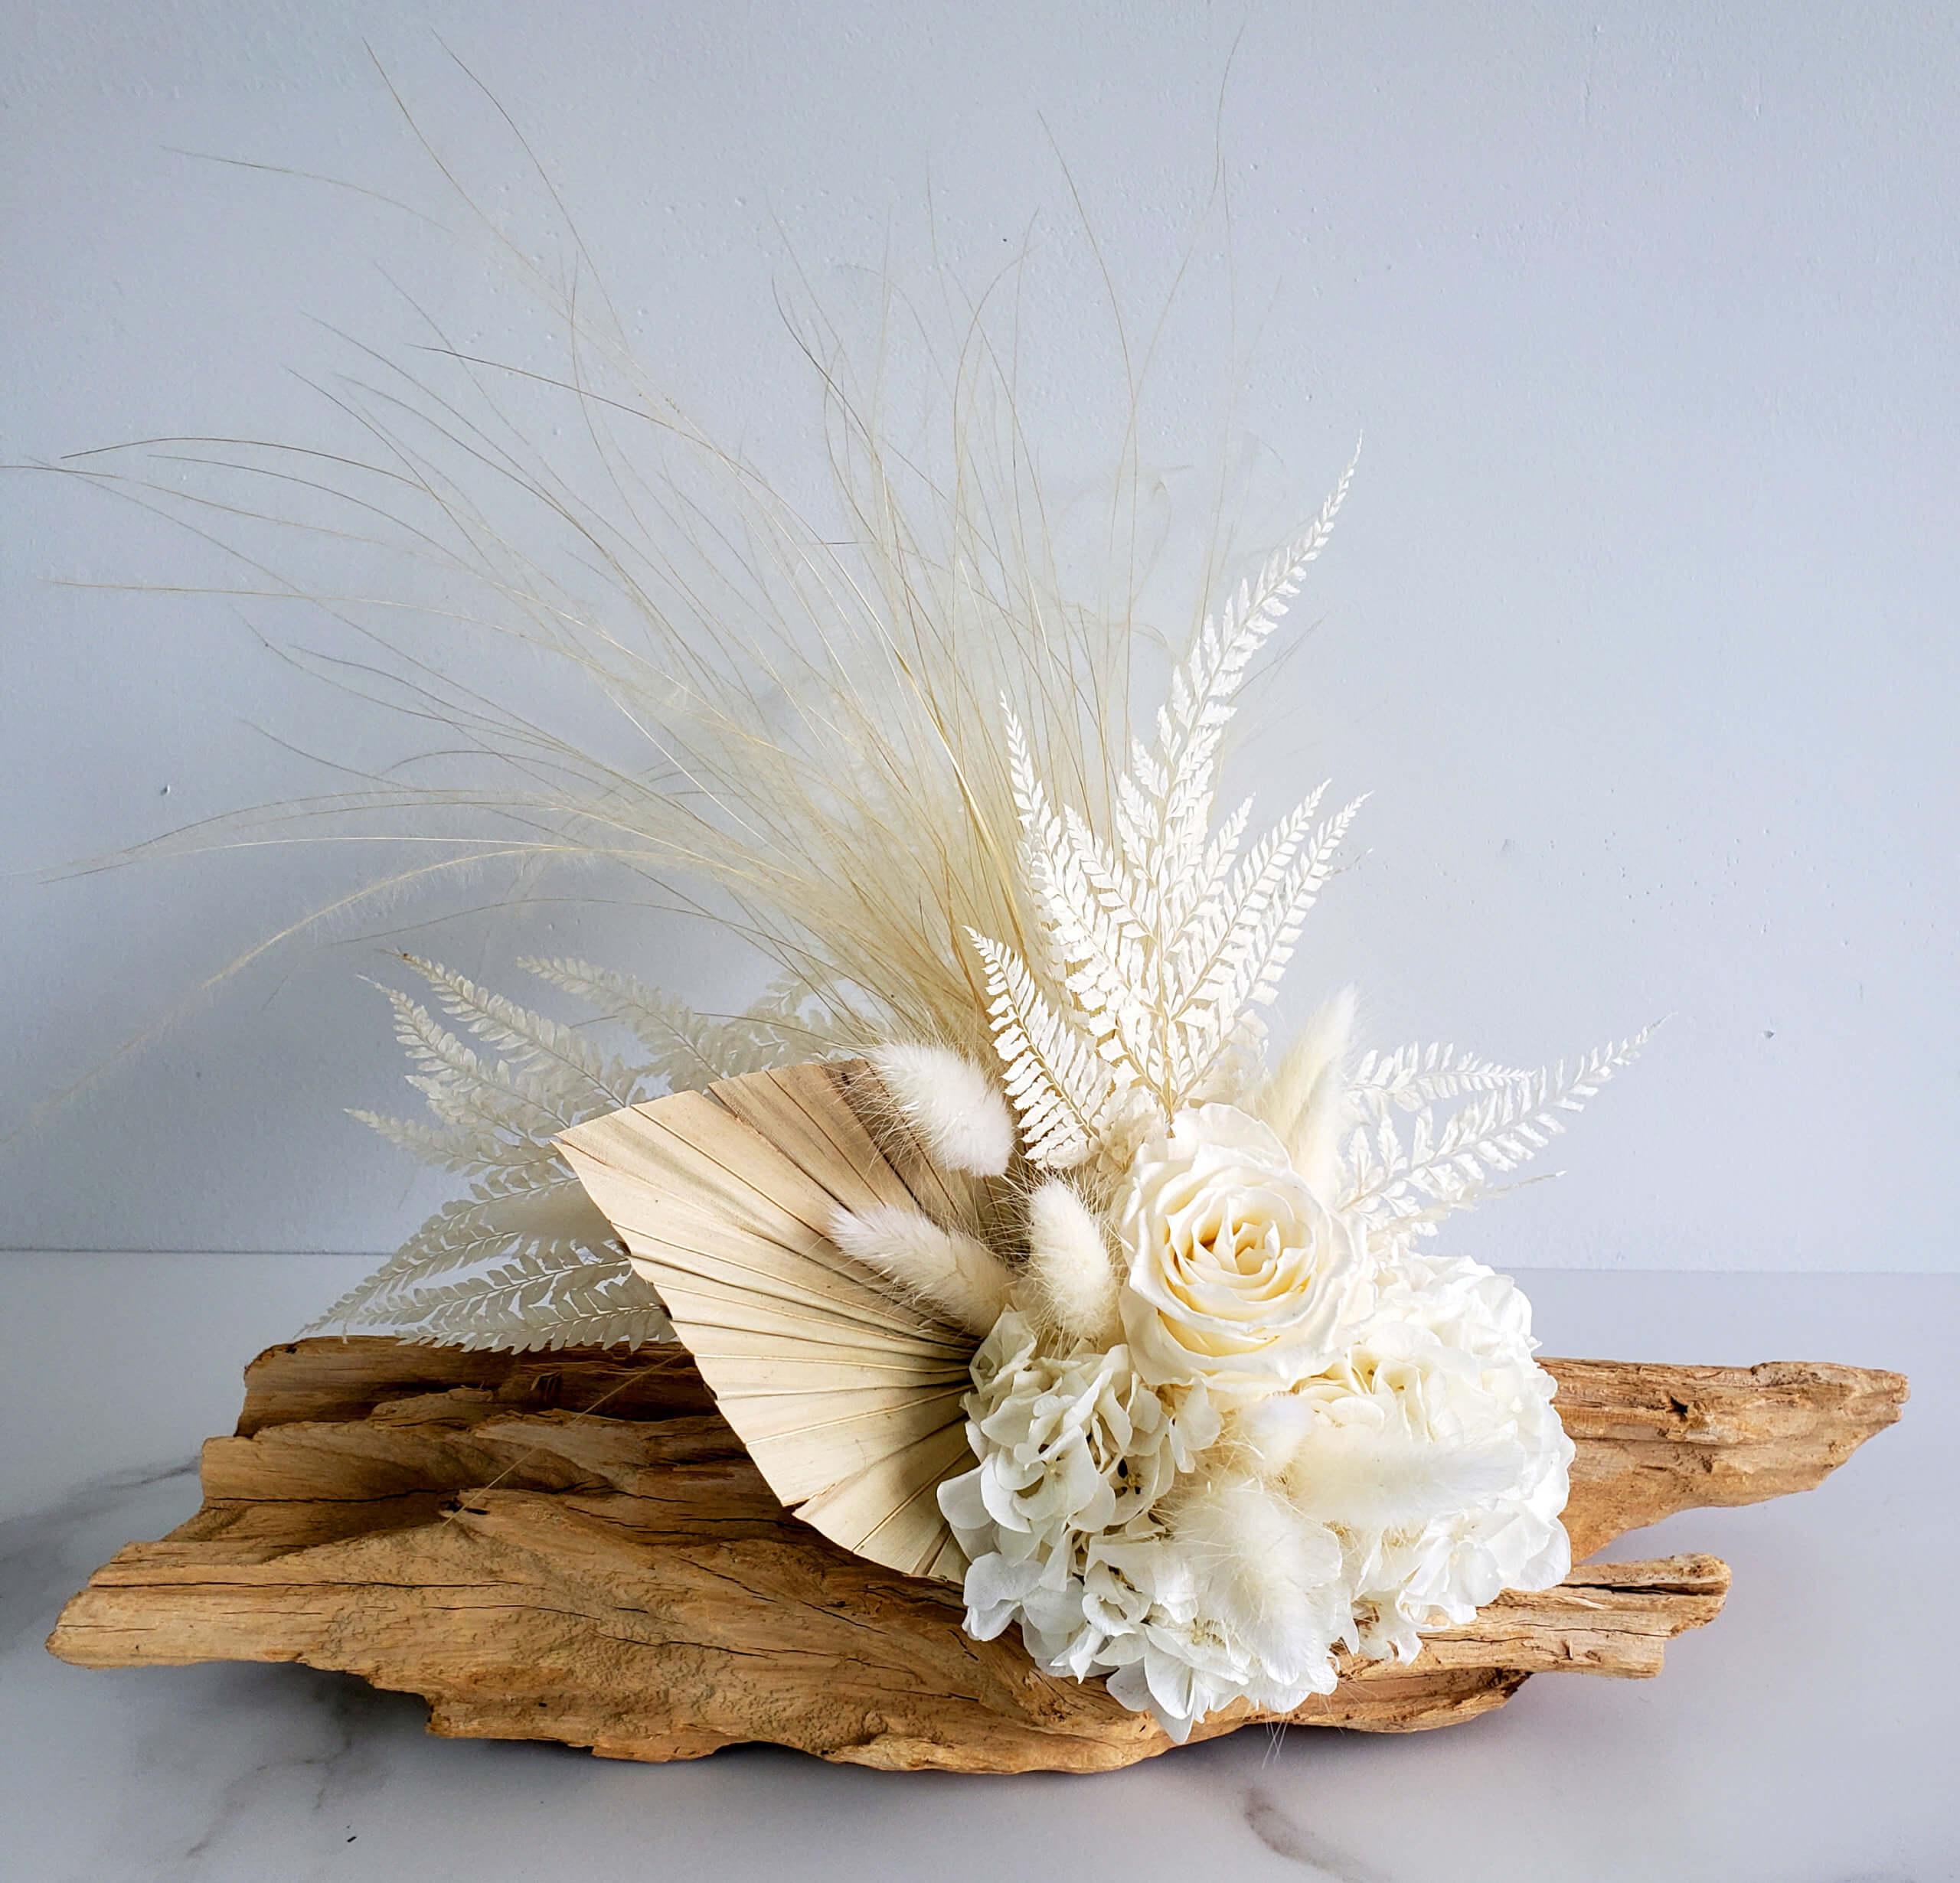 Arrangement de fleurs séchées sur bois